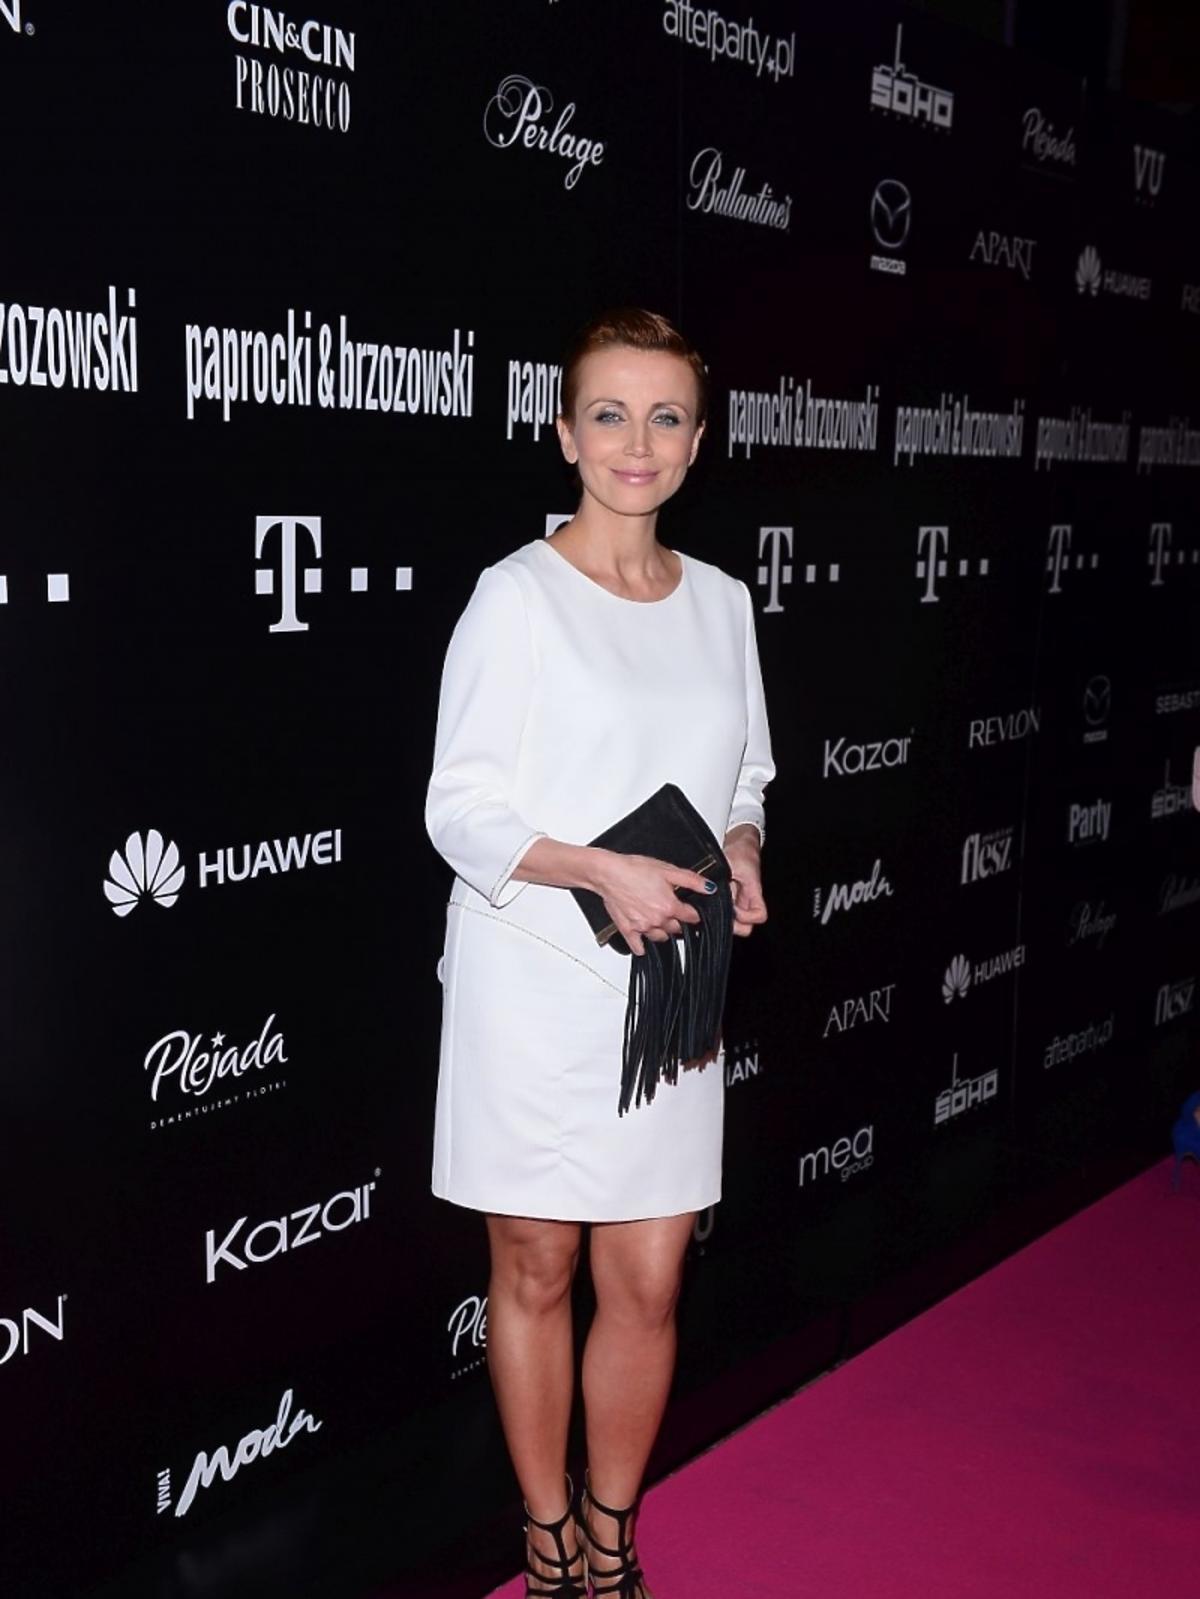 Katarzyna Zielińska na pokazie kolekcji Paprocki&Brzozowski